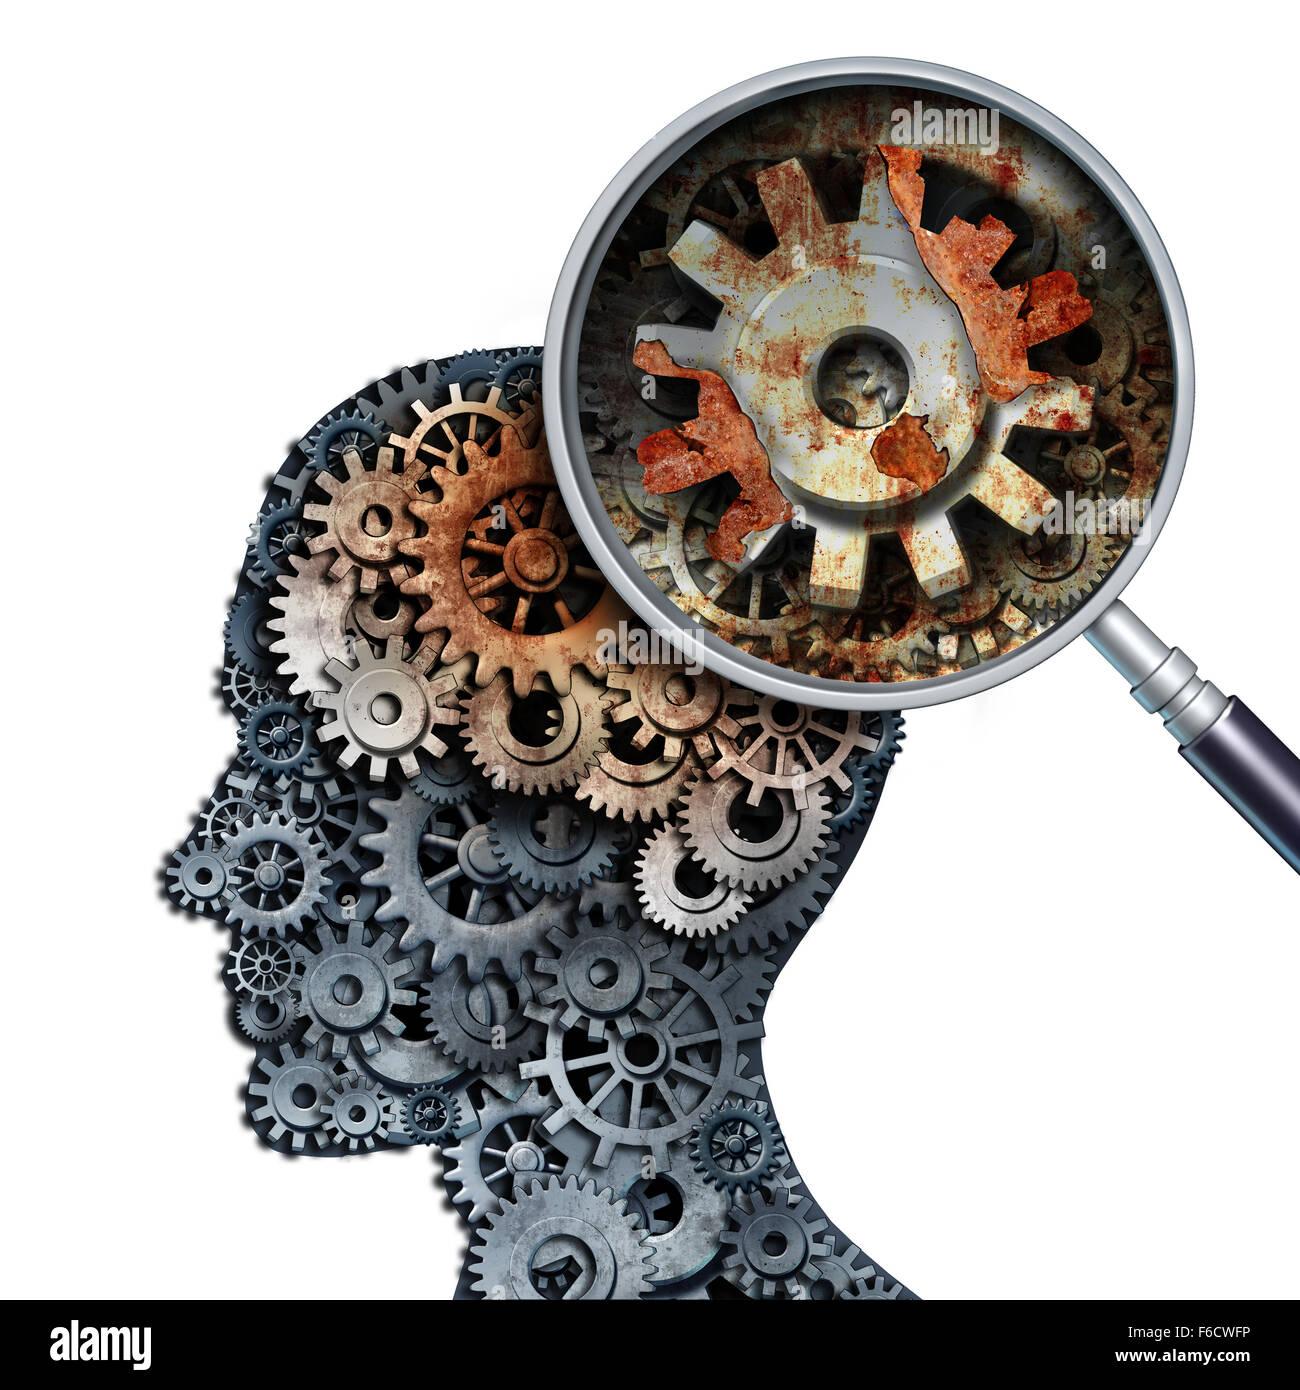 El deterioro cognitivo o la demencia y el envejecimiento, como la pérdida de la memoria el concepto de decadencia Imagen De Stock